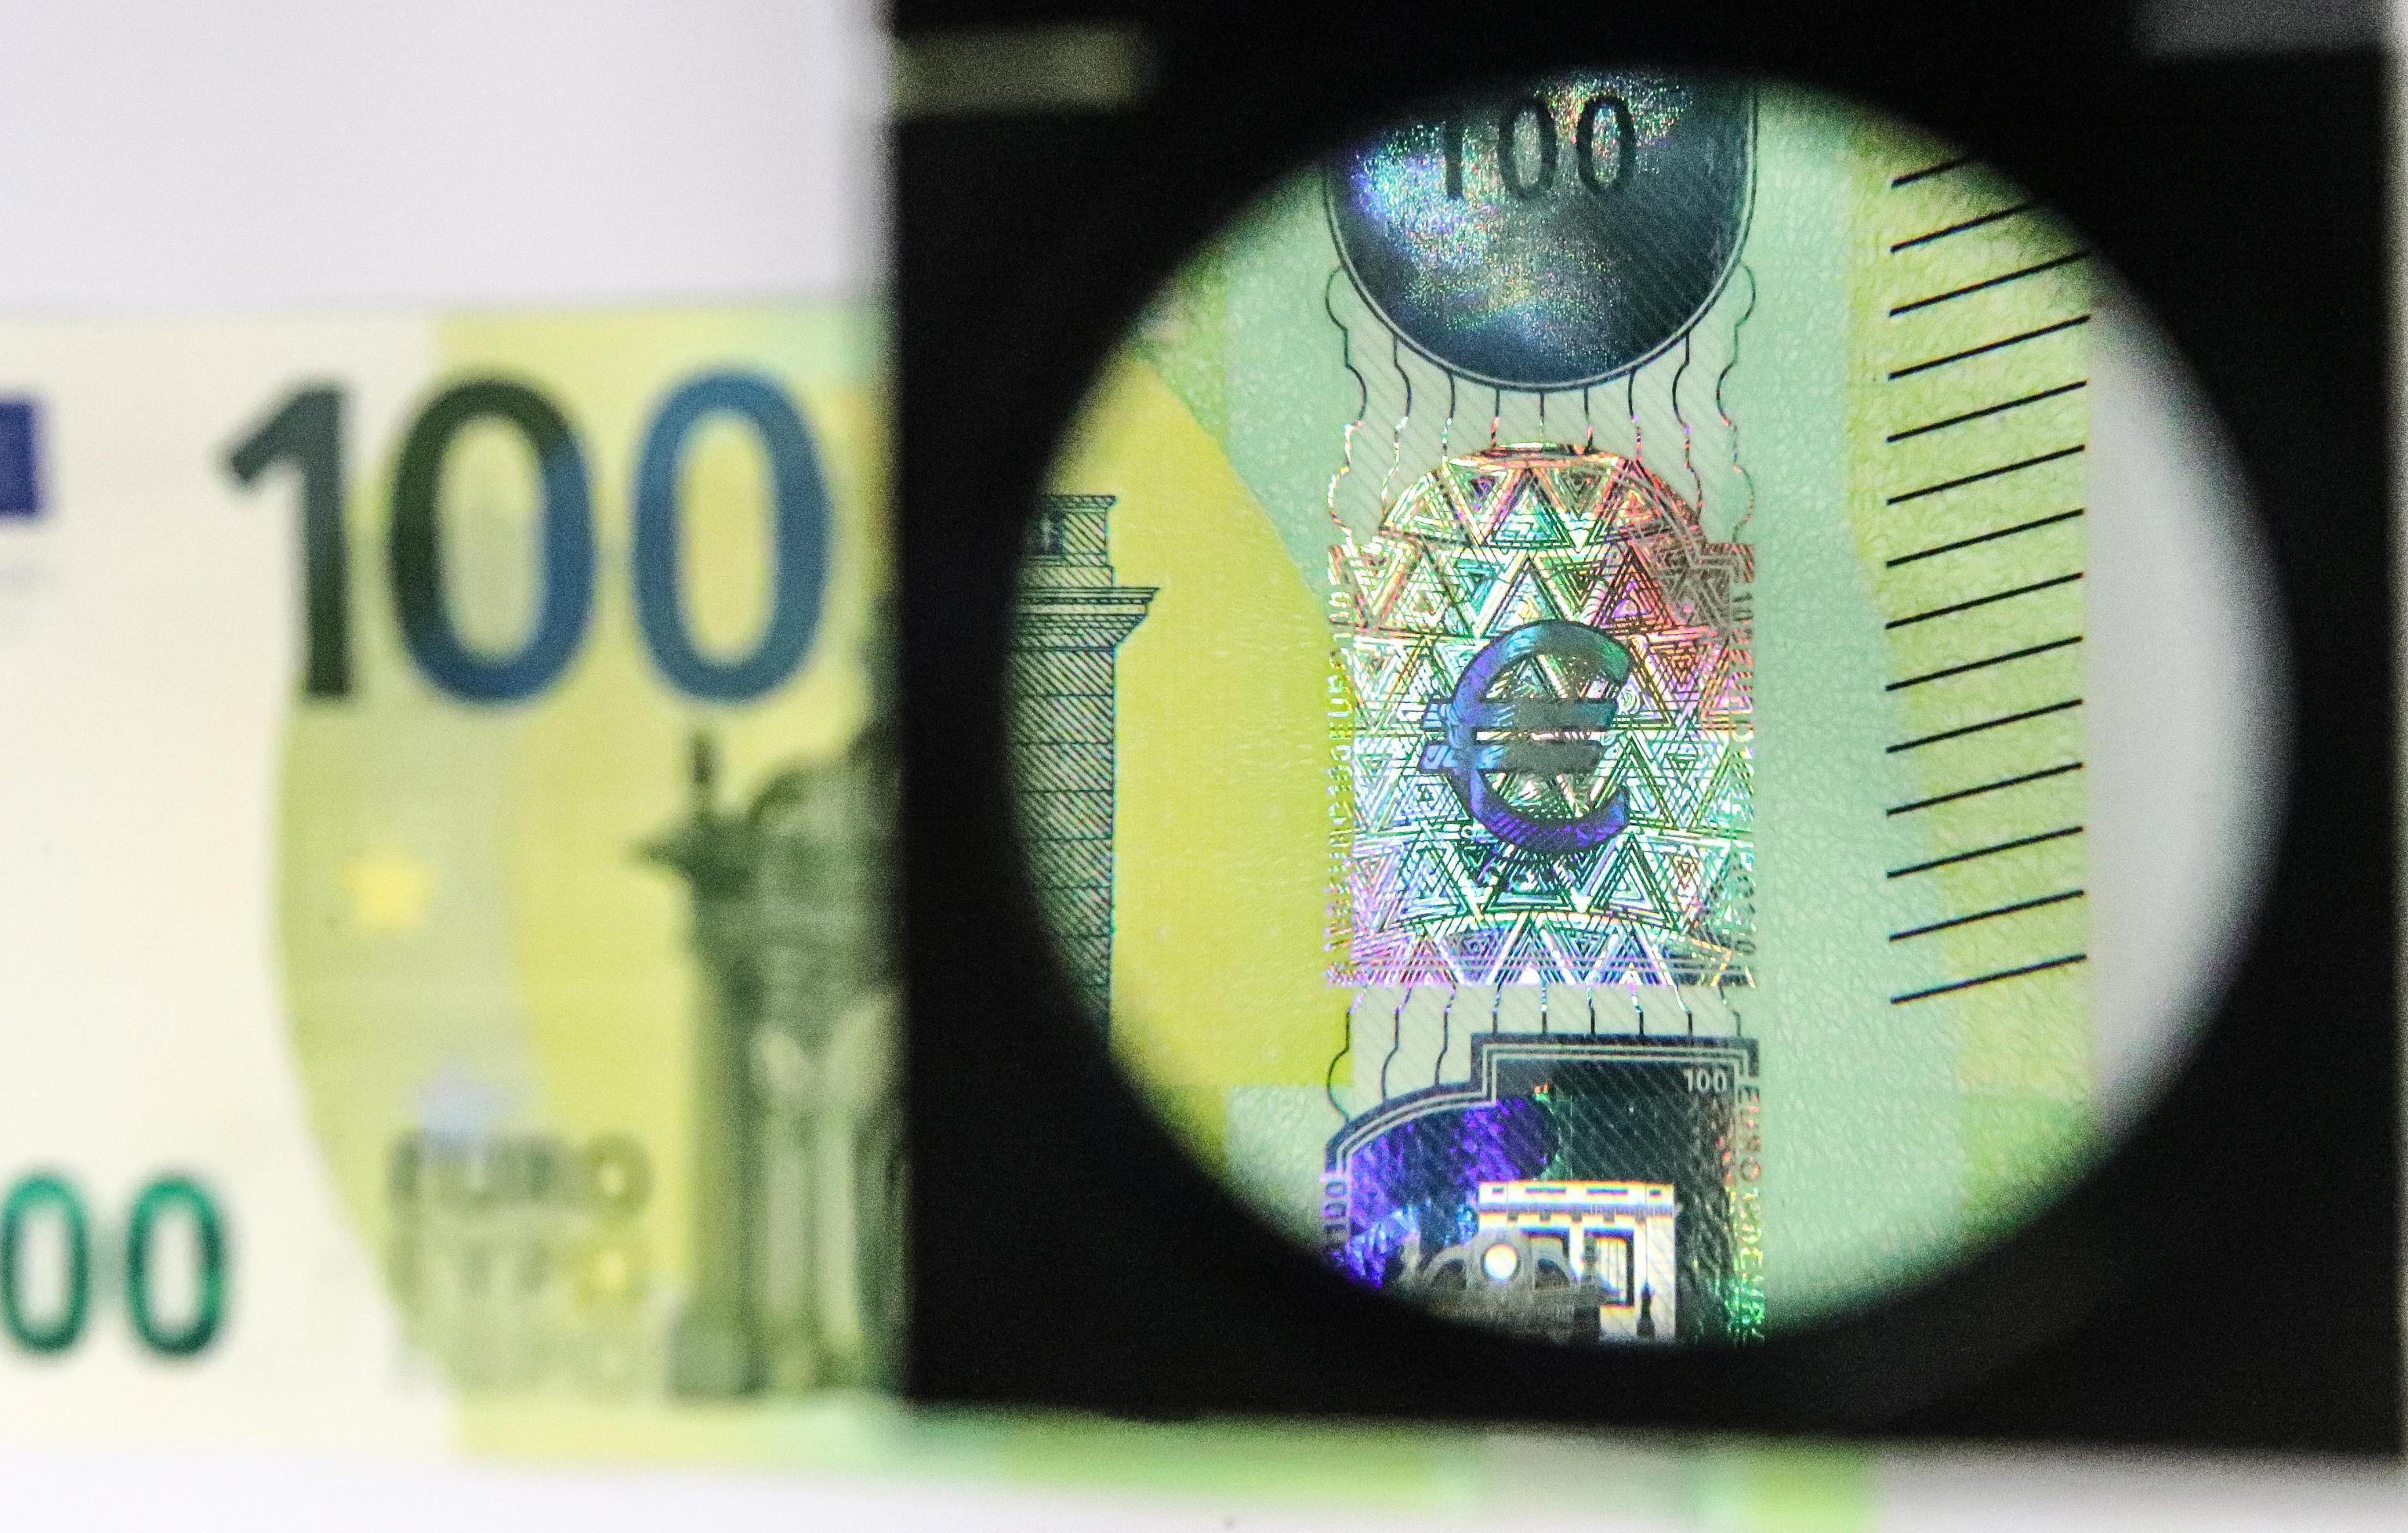 Guerra ai falsari, in arrivo nuove banconote 100 e 200 euro